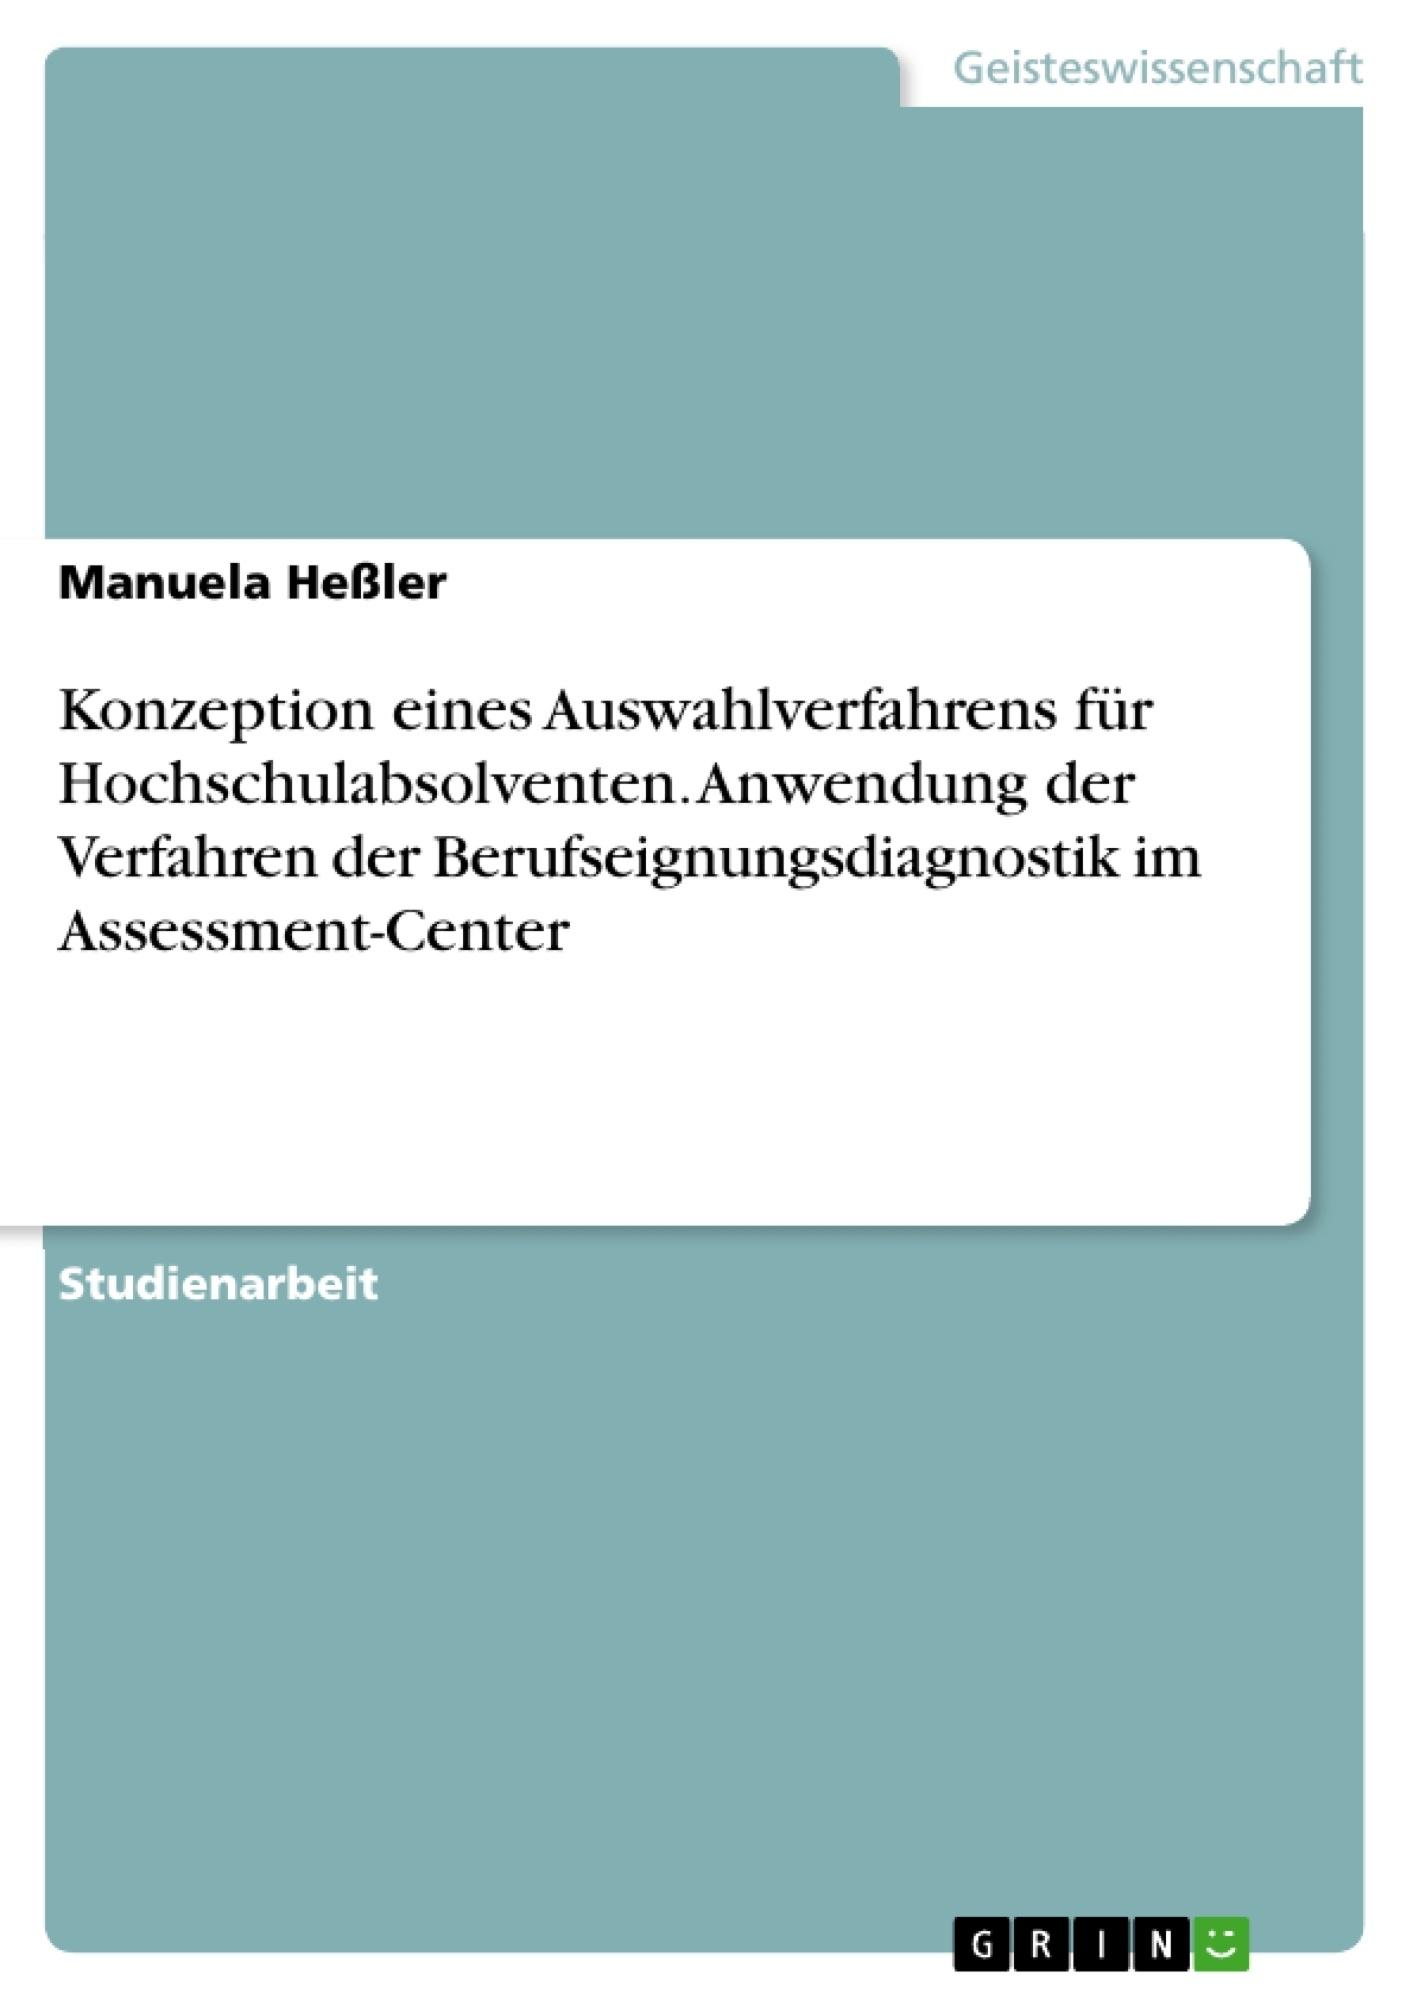 Titel: Konzeption eines Auswahlverfahrens für Hochschulabsolventen. Anwendung der Verfahren der Berufseignungsdiagnostik im Assessment-Center